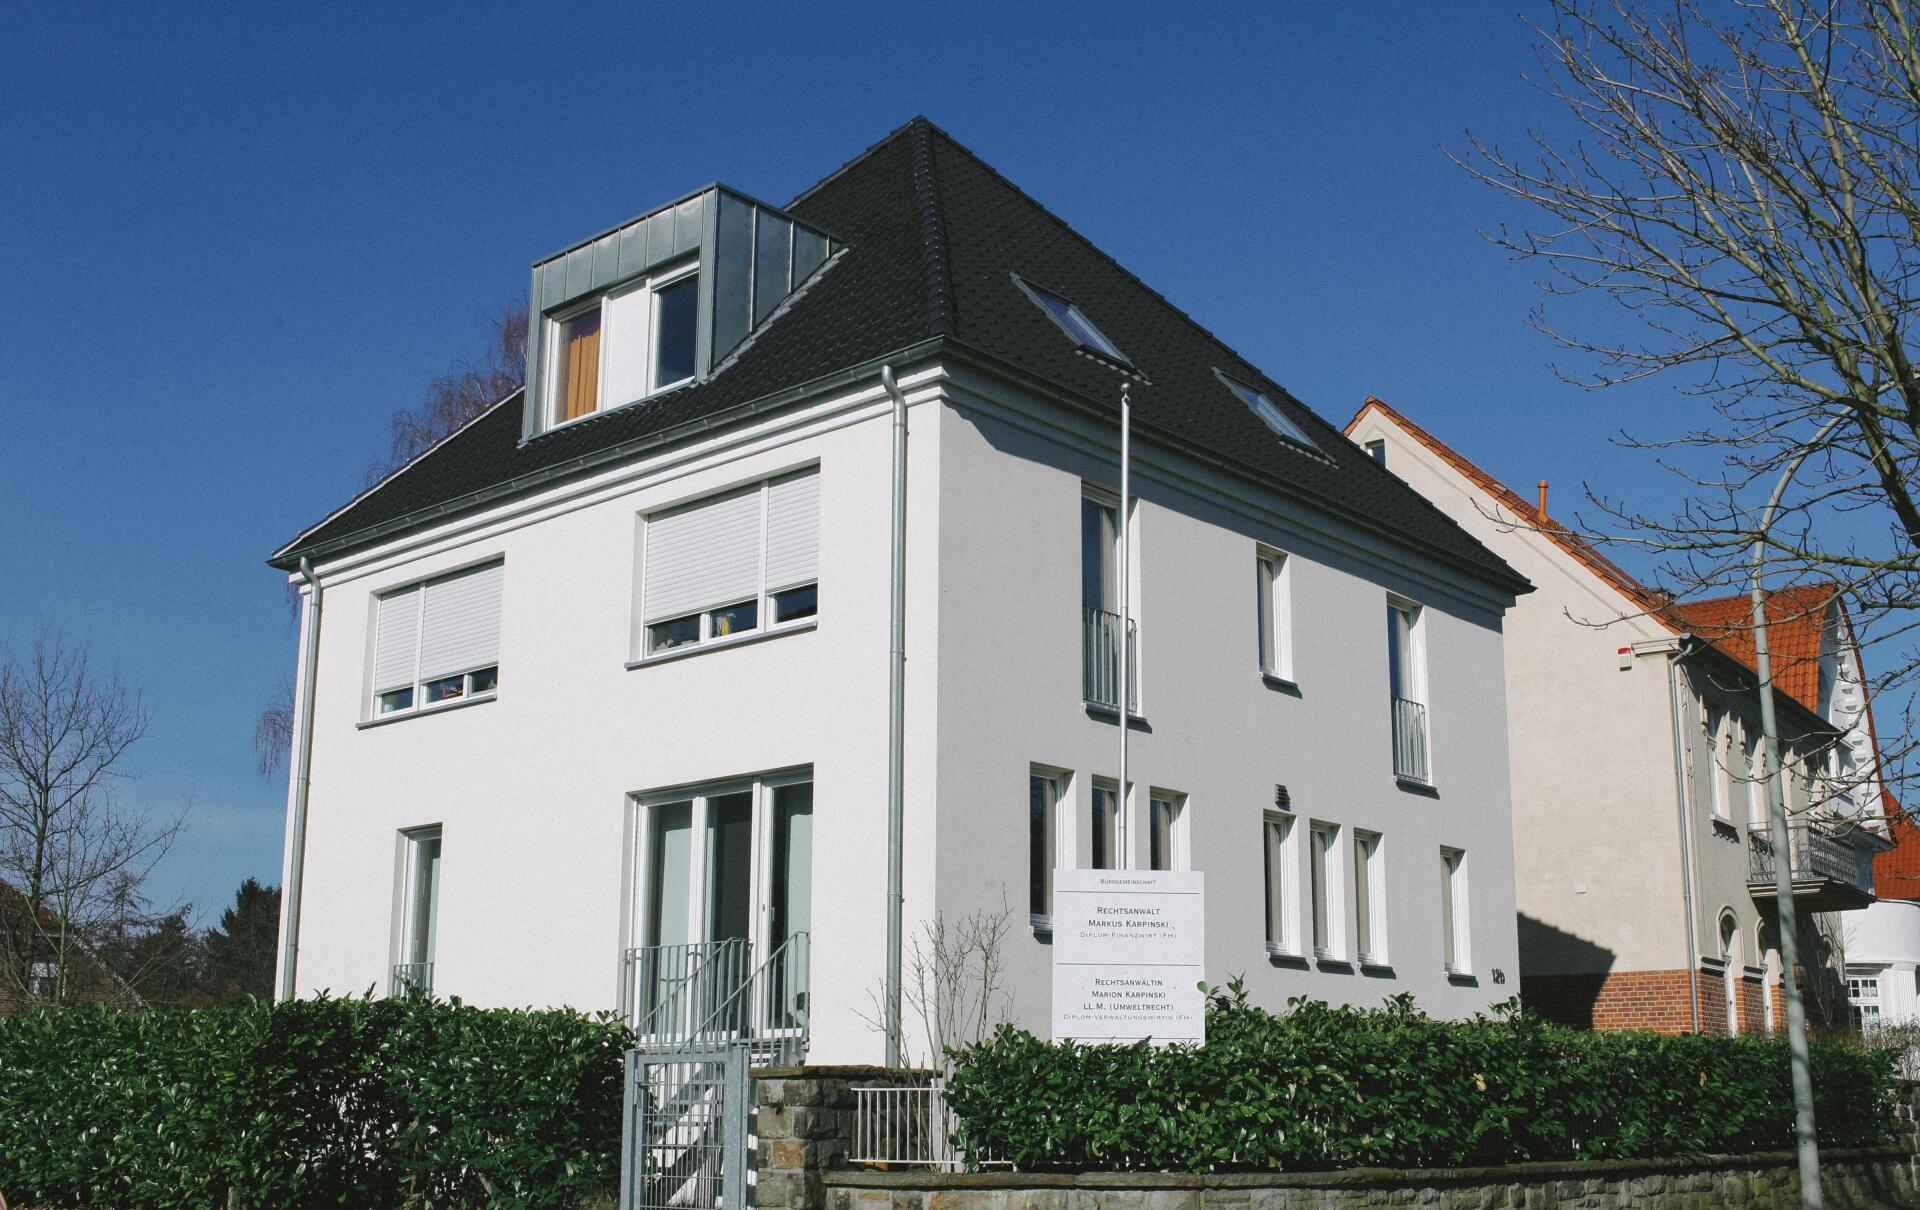 Kanzlei für Pflegerecht Markus Karpinski